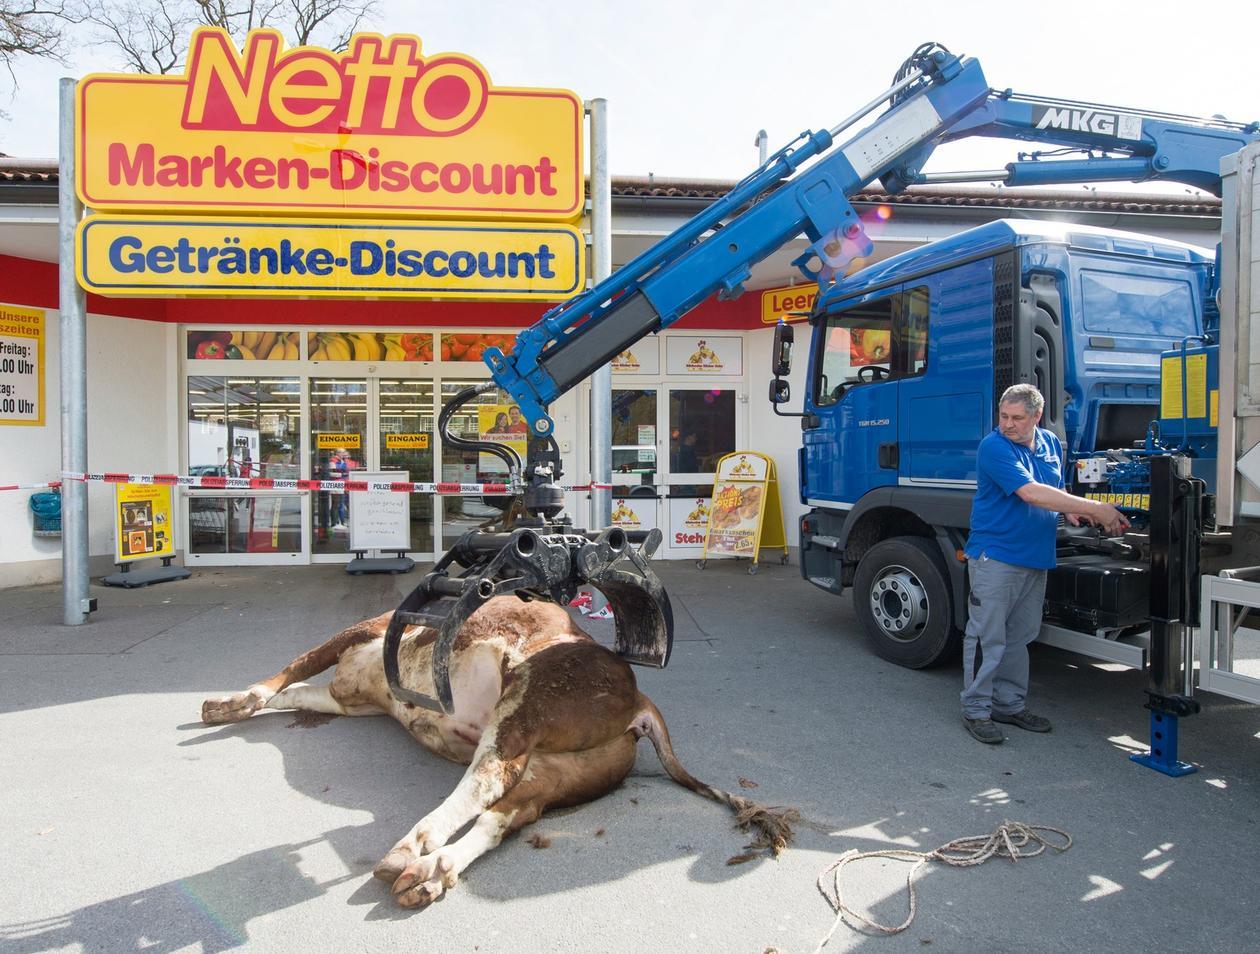 Weihnachtskalender Netto.Bulle In Eggenfelden In Einem Supermarkt Erschossen So Gefährlich